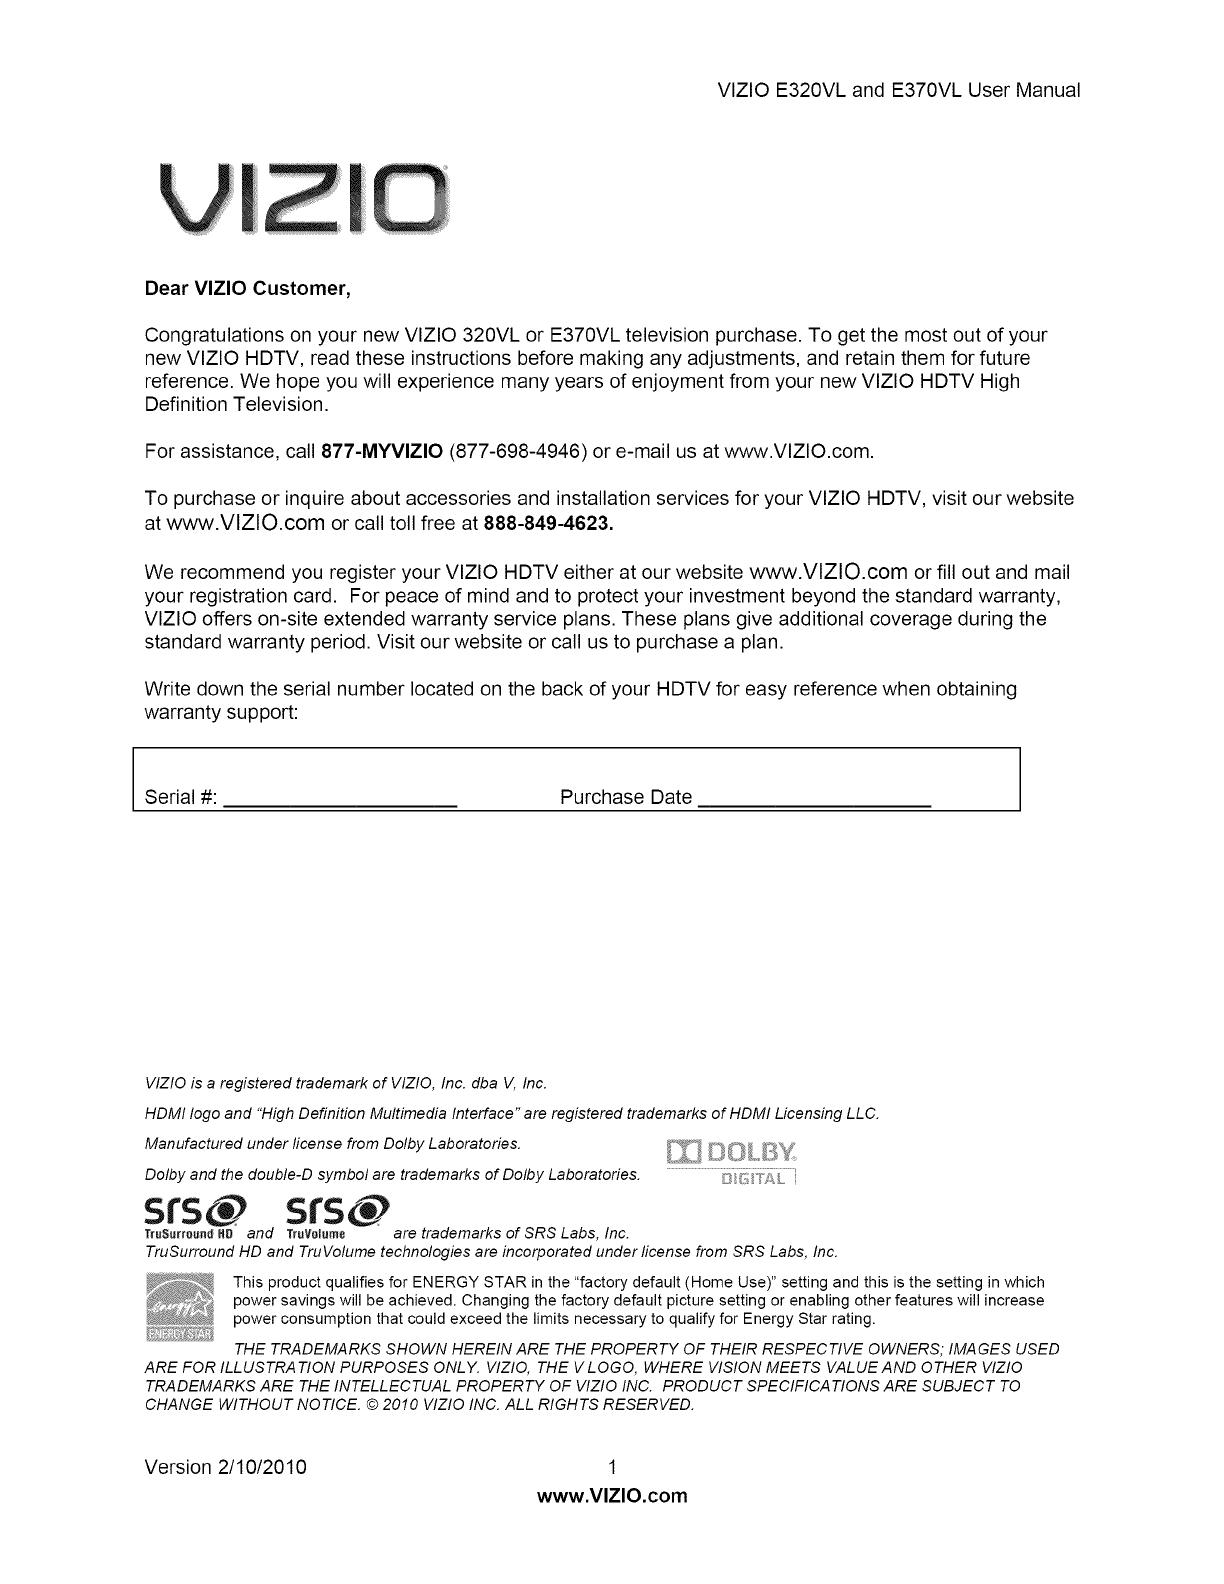 vizio flat panel television e370vl user guide manualsonline com rh tv manualsonline com vizio smart tv manual volume vizio smart tv manuals online